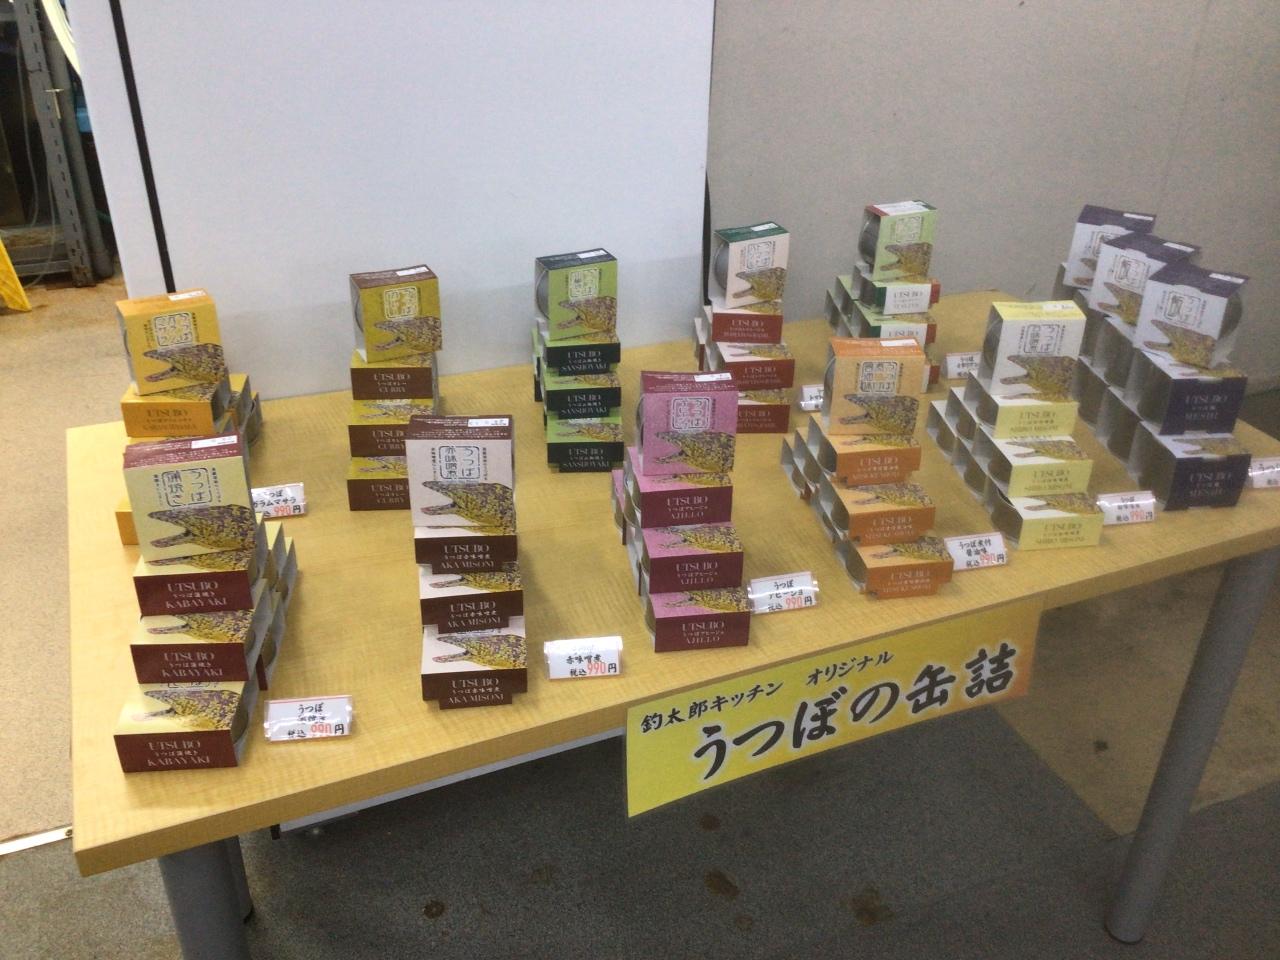 新商品【うつぼ缶詰】 全部で11種類出来ました。